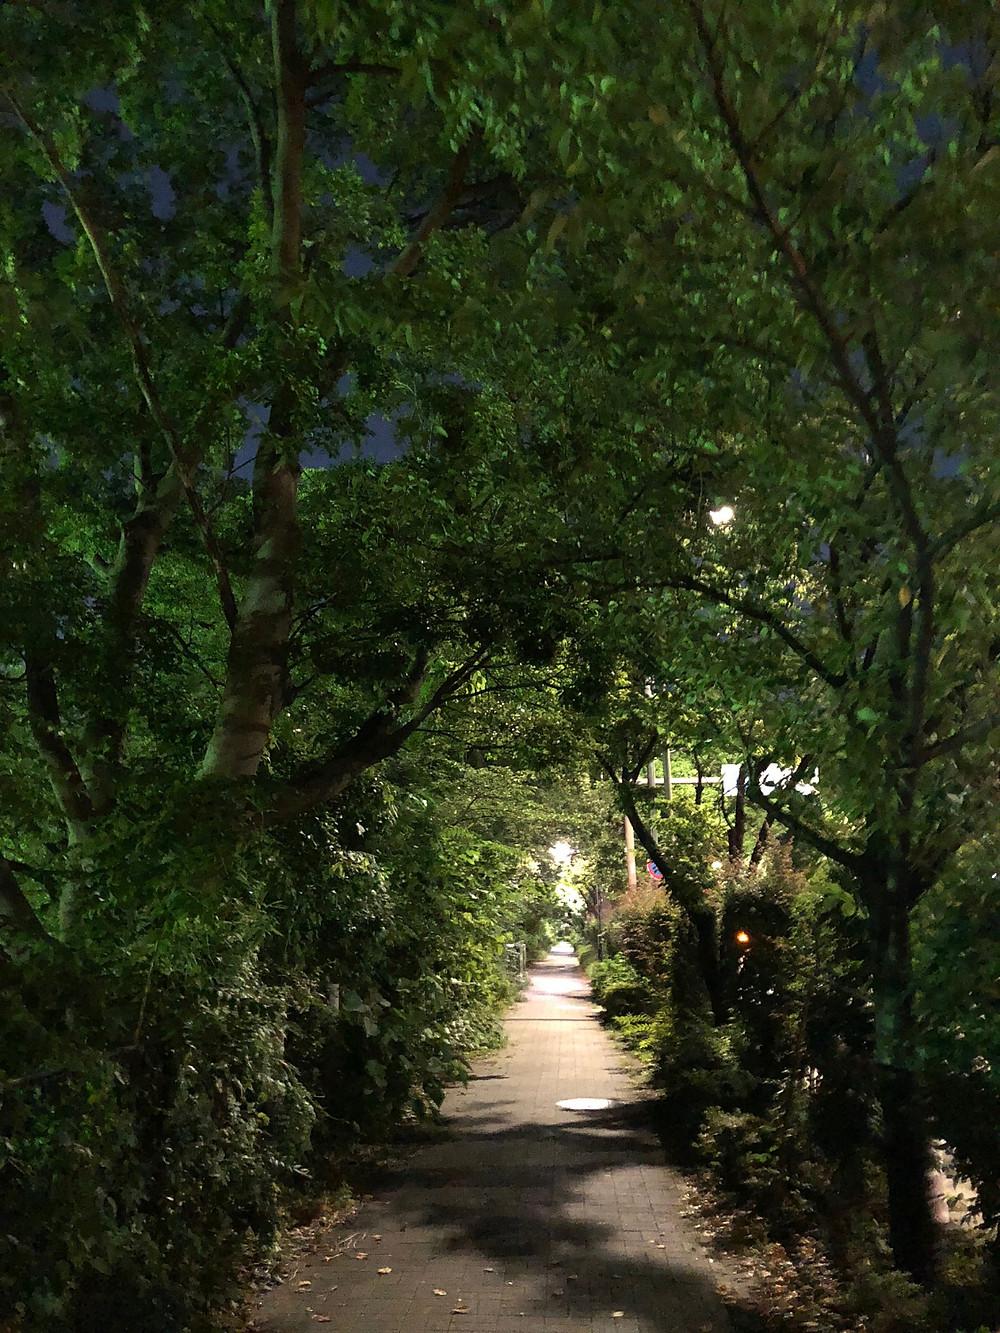 緑のトンネル。満月の夜の散歩道のブログ。都会で鈴虫の鳴く道。